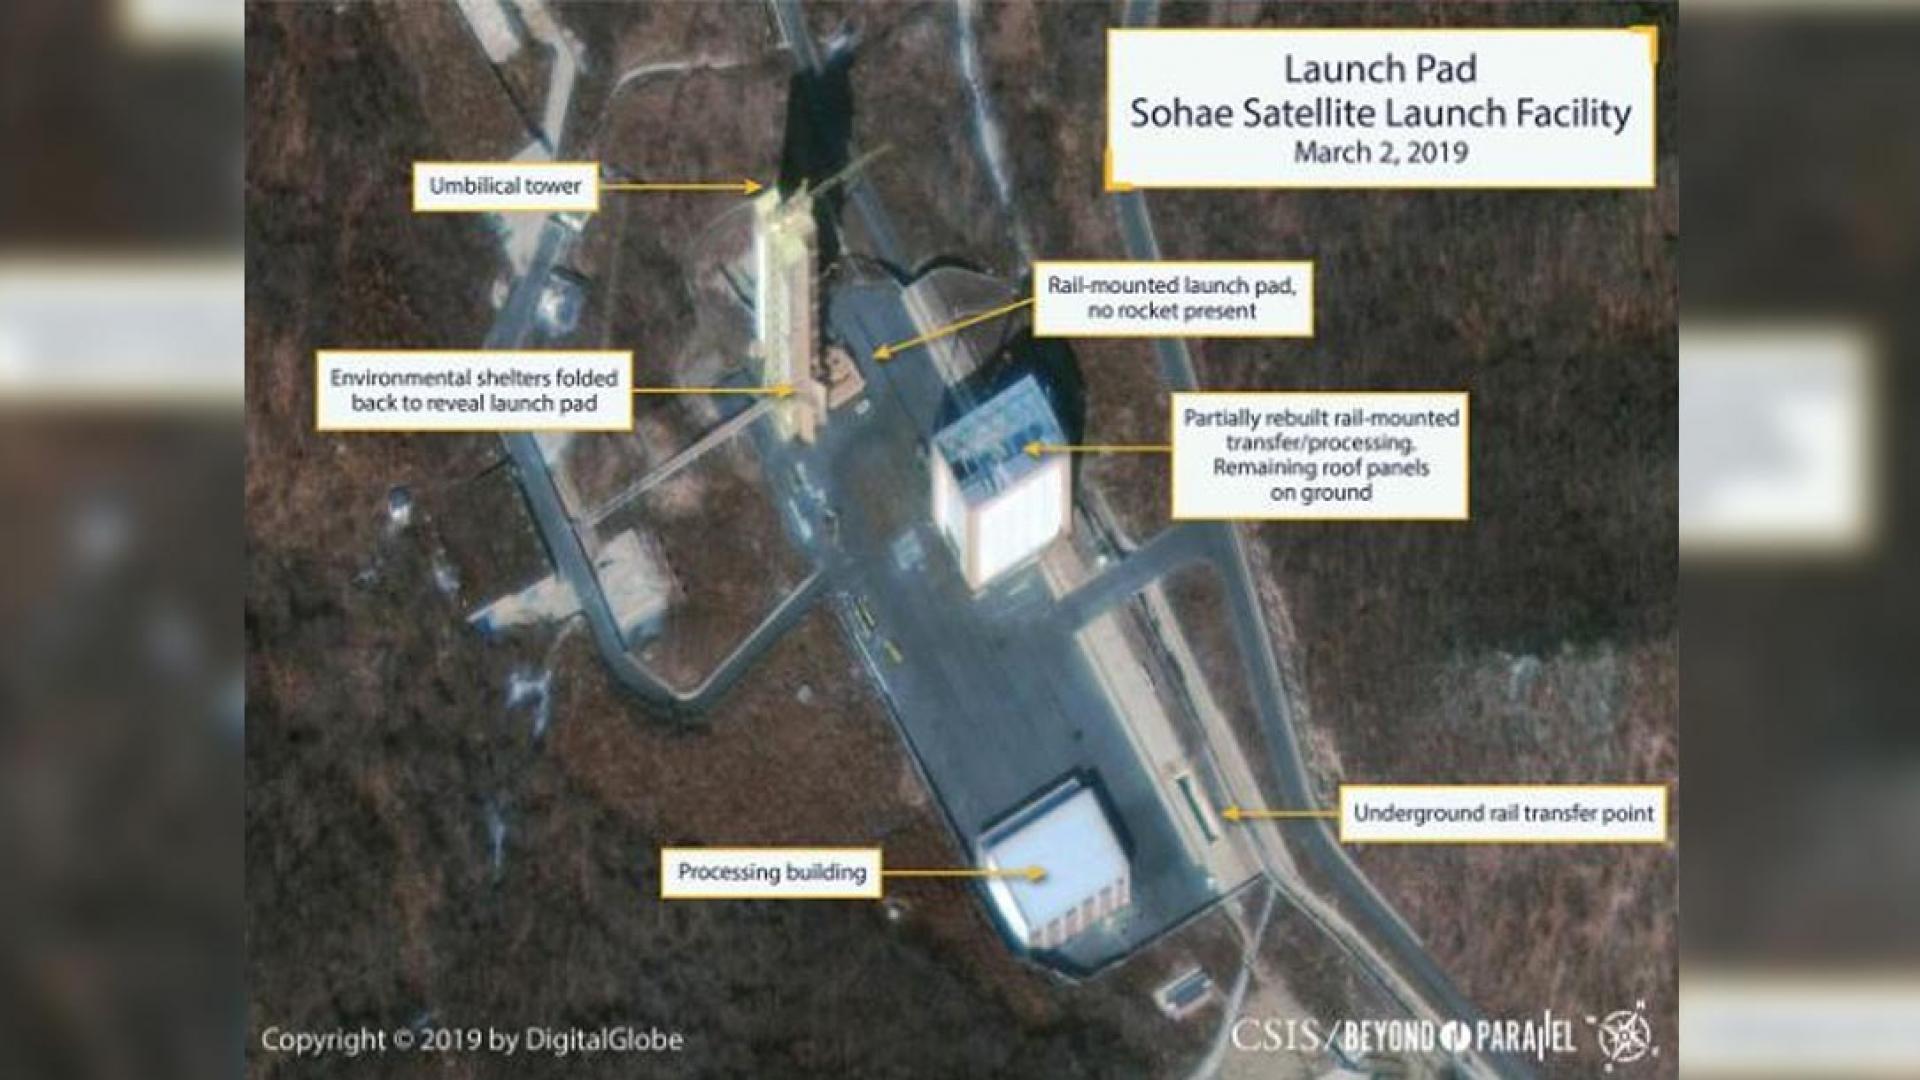 صور تكشف عن نشاط في موقع اختبار للصواريخ بكوريا الشمالية